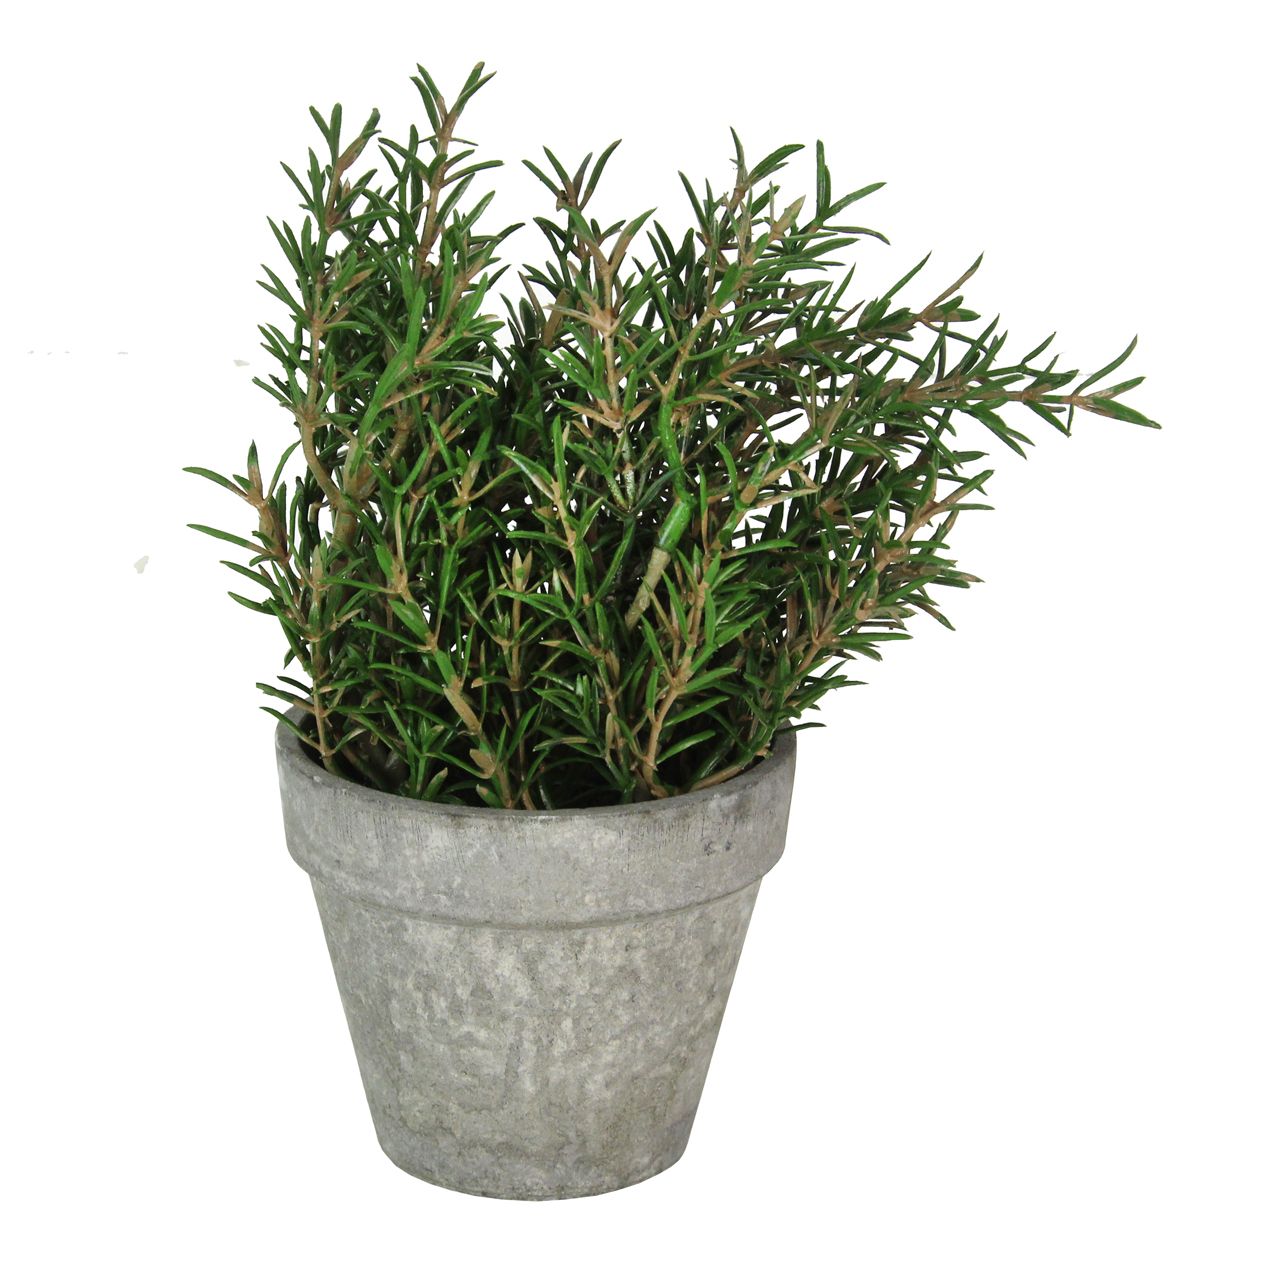 Floare Artificiala Rozmarin In Ghiveci 21 Cm